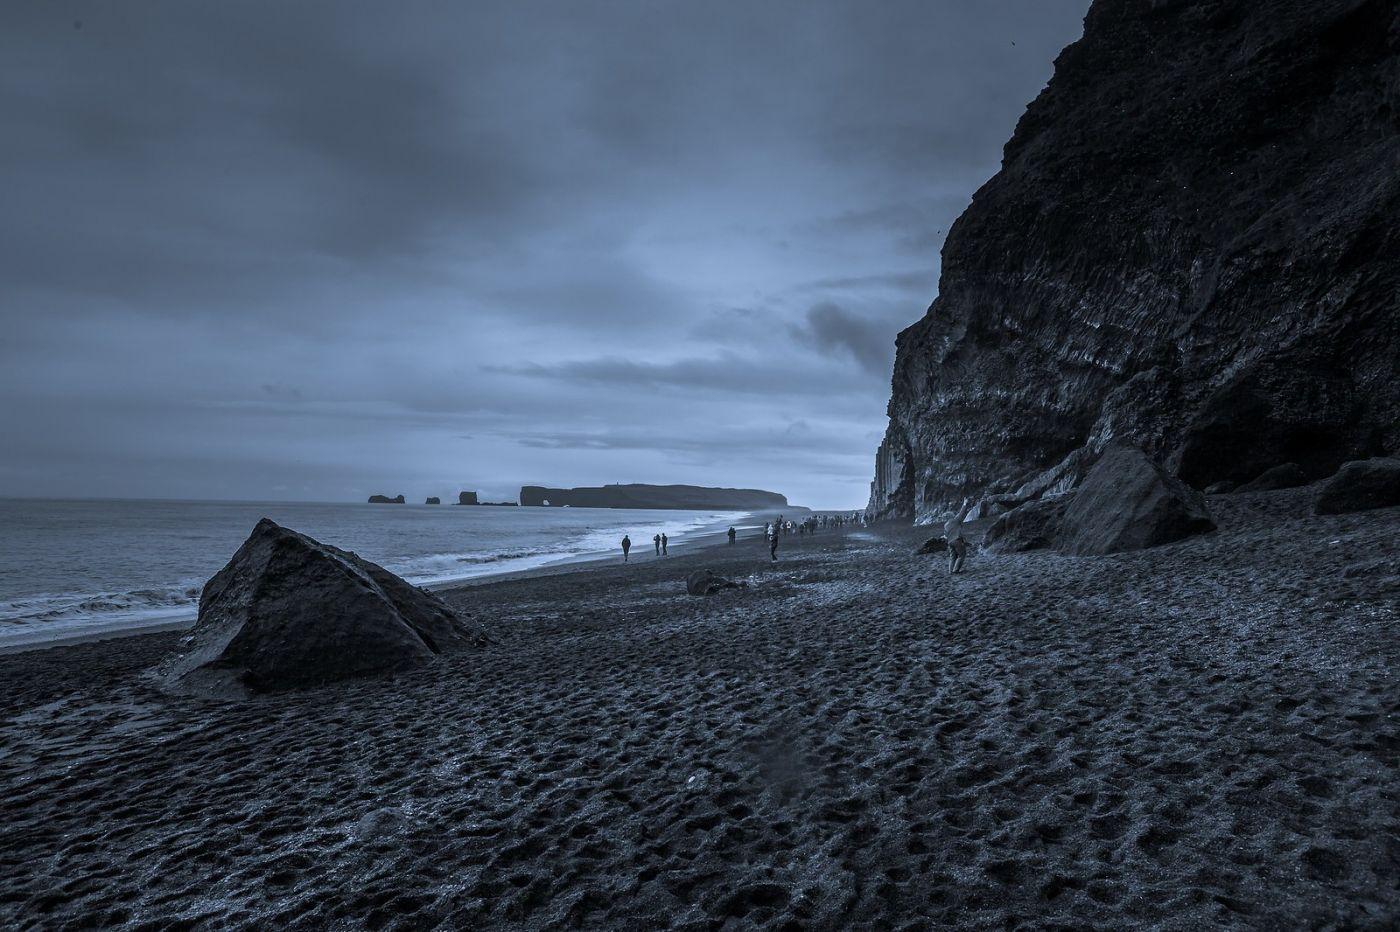 冰岛雷尼斯法加拉黑沙滩(Reynisfjara Black Sand Beach)_图1-12